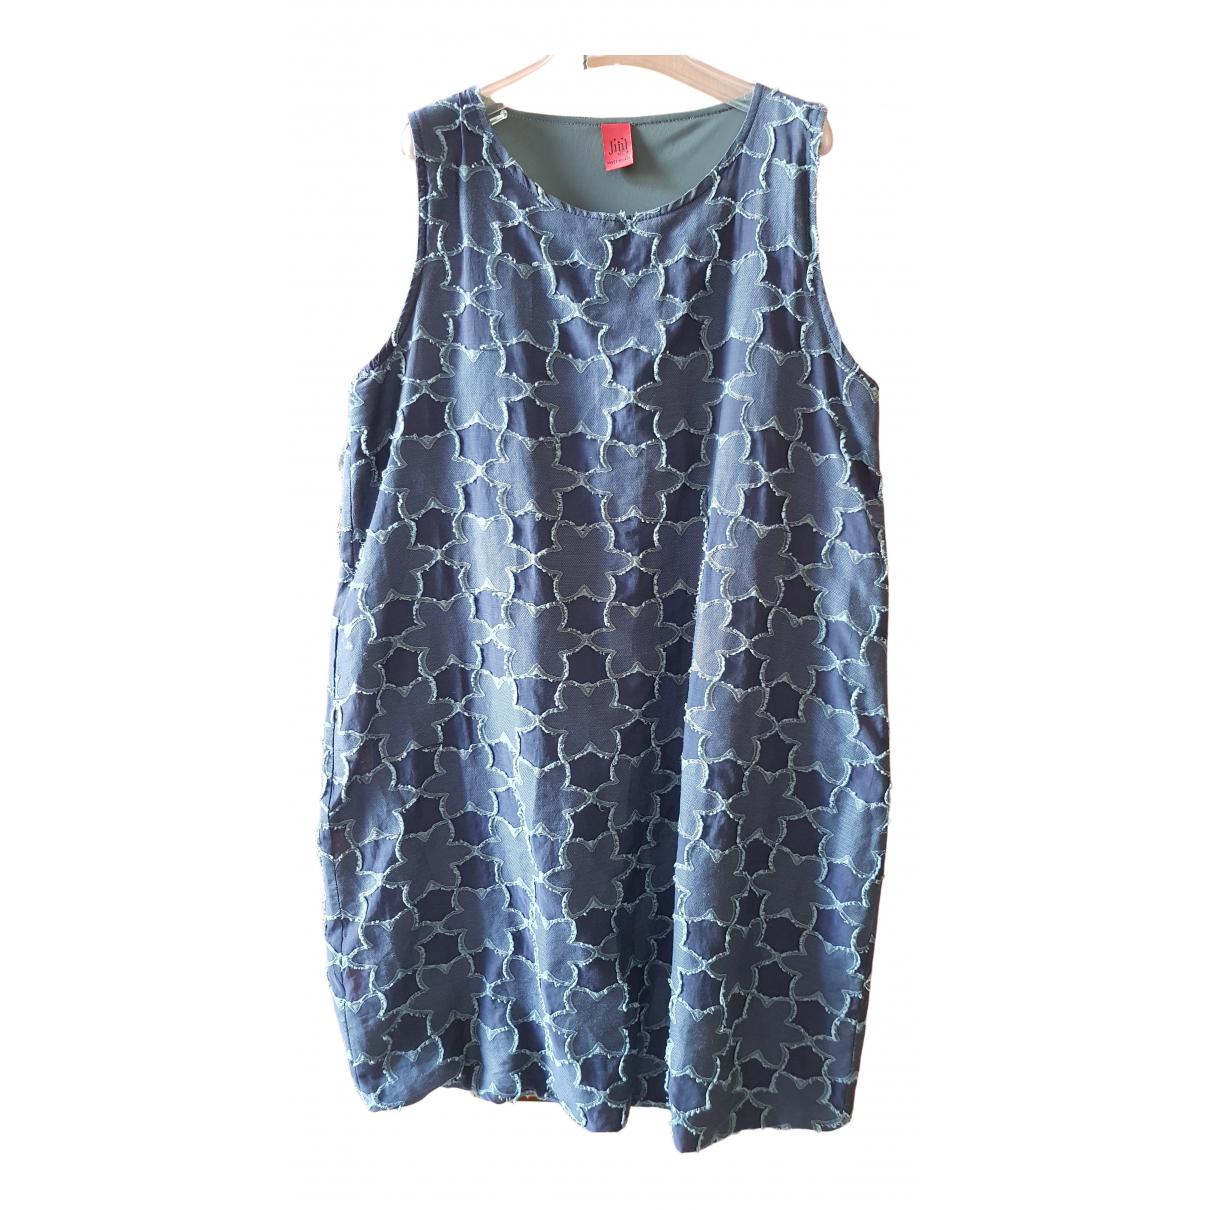 Jijil \N Kleid in  Blau Baumwolle